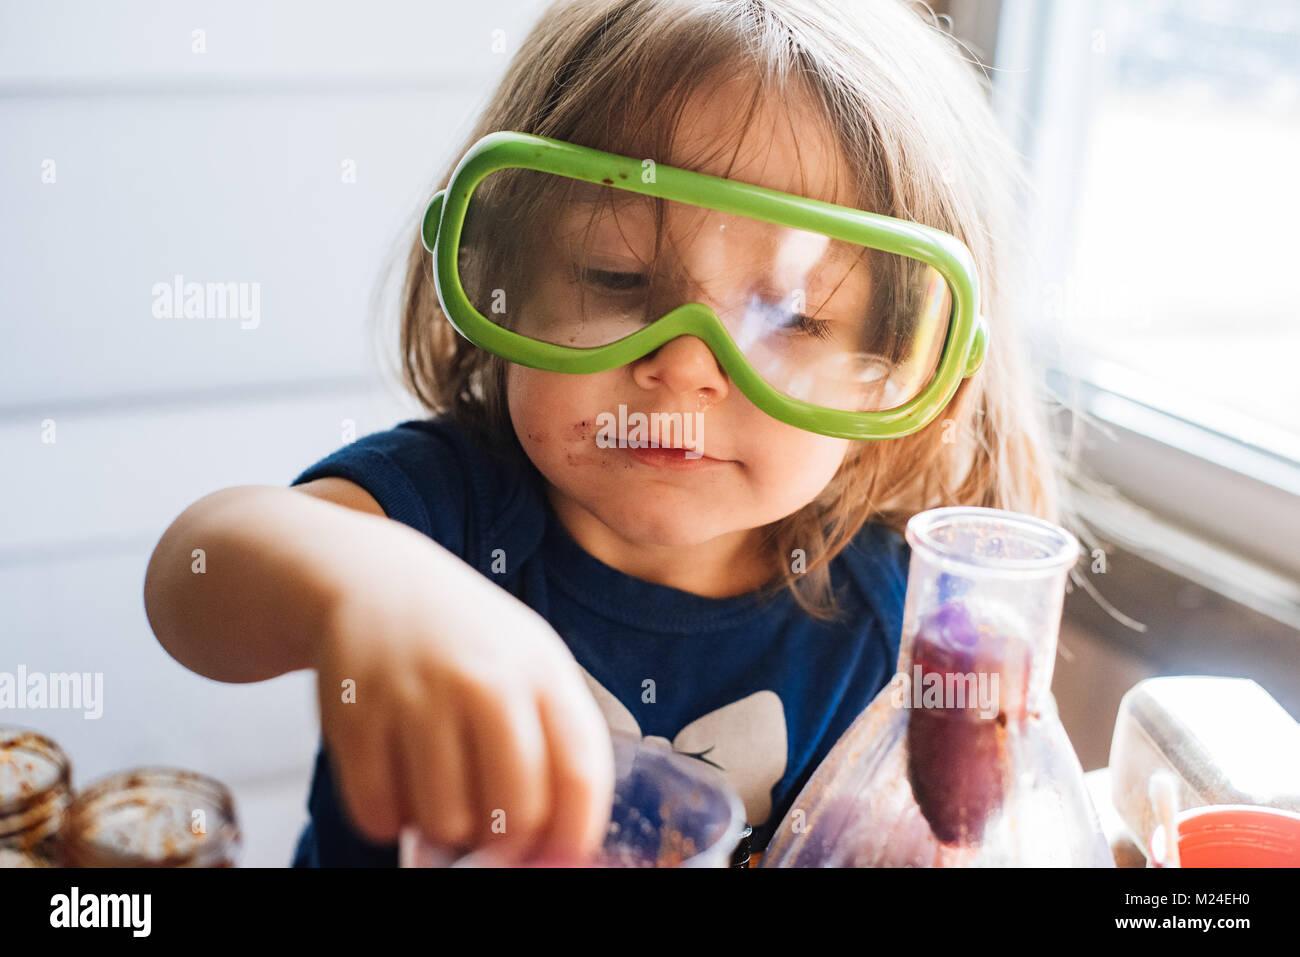 A 3 ans bébé fille travaille avec de l'équipement expérience scientifique Photo Stock